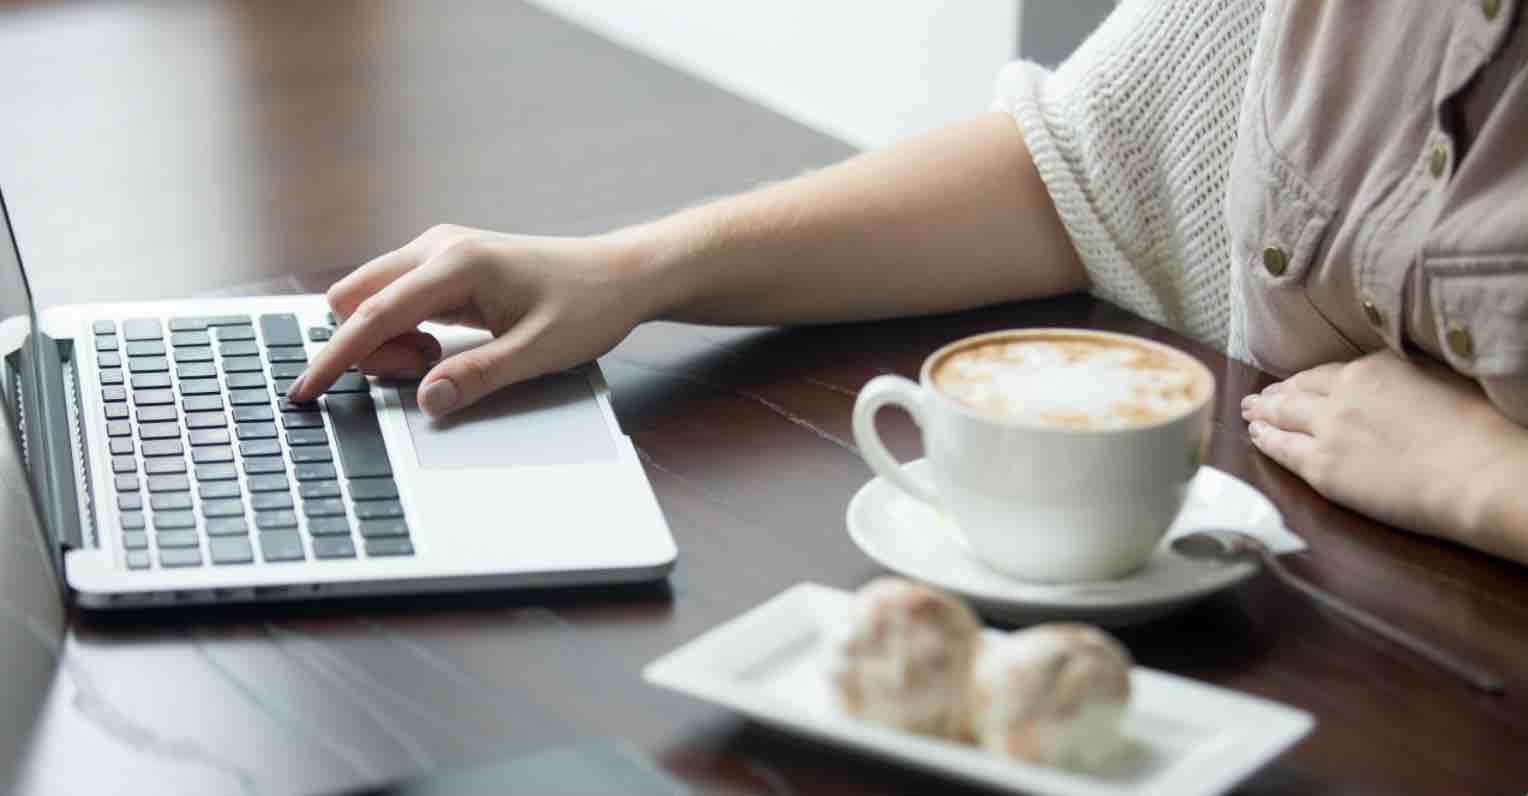 Dùng máy tính thường xuyên mà cứ mắc phải những thói quen gây hại này chỉ khiến sức khỏe bị ảnh hưởng nghiêm trọng - Ảnh 3